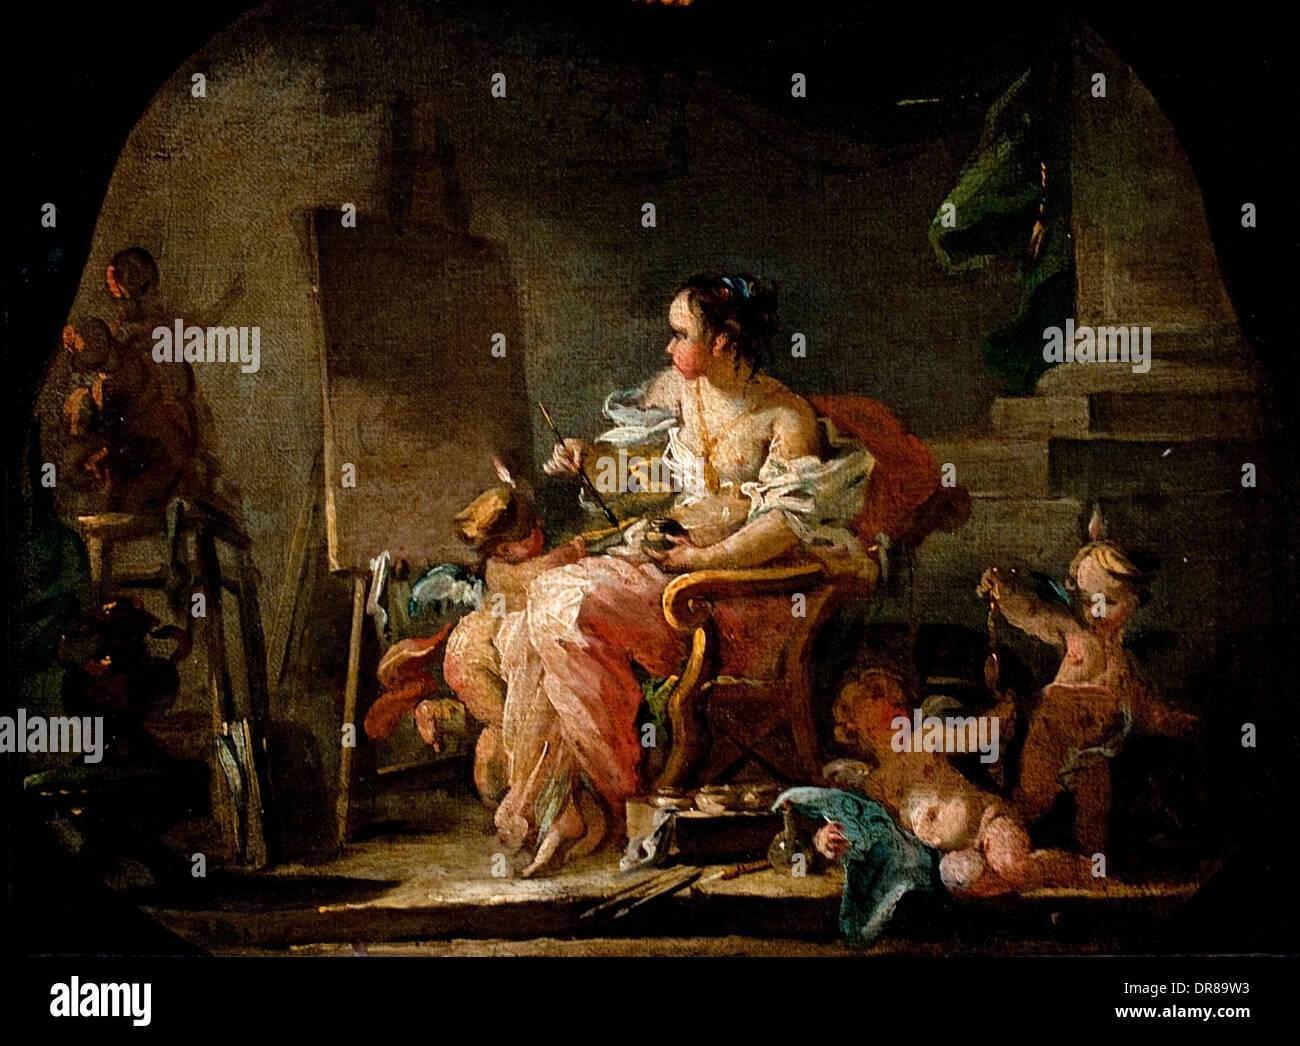 Allegorie De La Peinture De Francois Boucher 1703 1770 Francais France Photo Stock Alamy